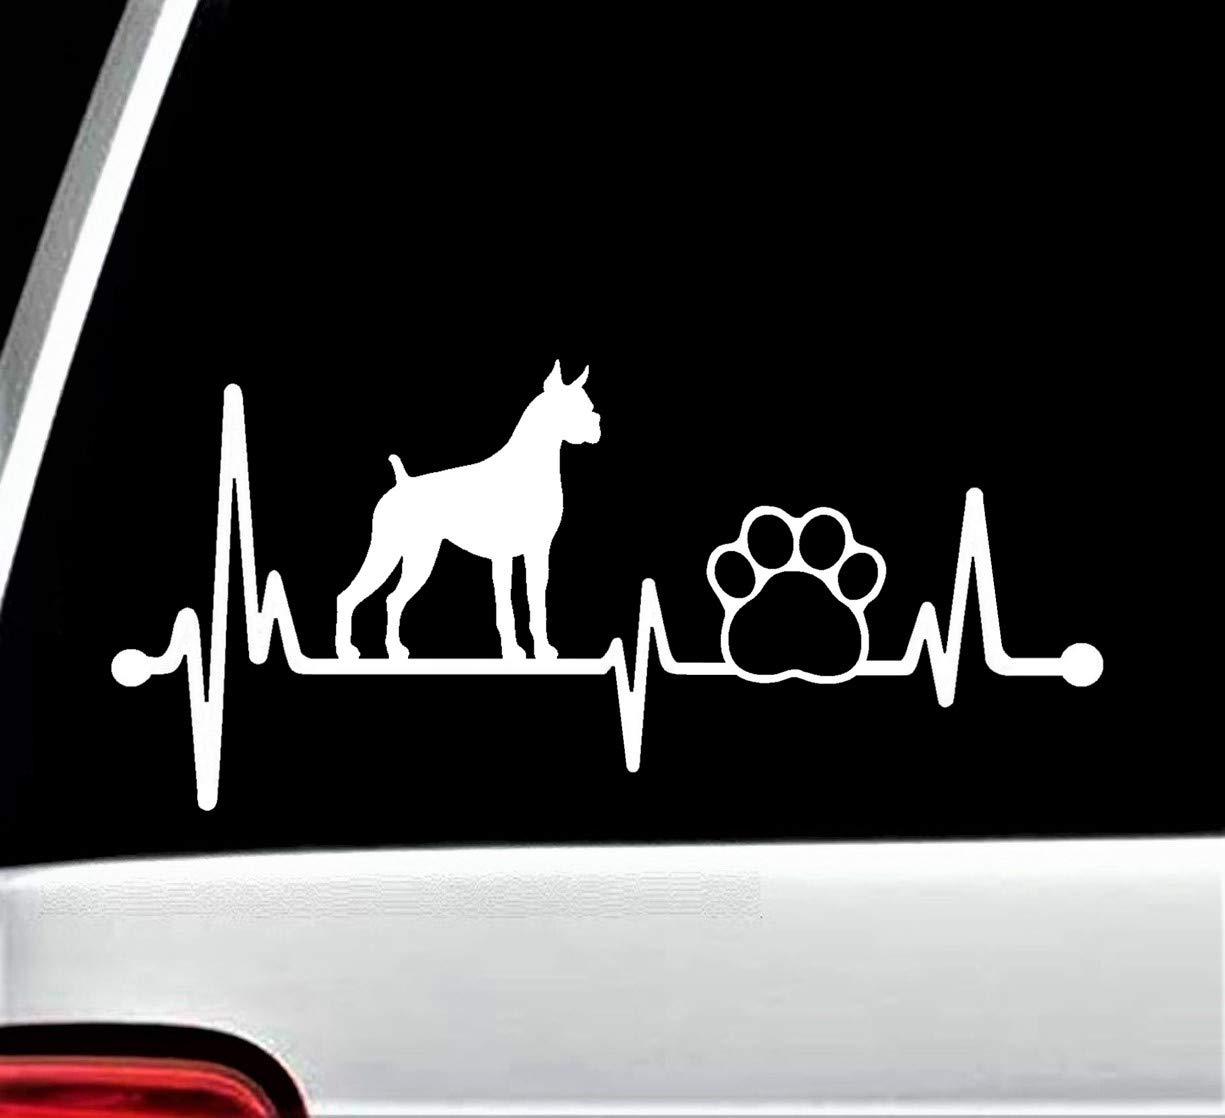 Boxer Heartbeat Lifeline Dog Paw Decal Sticker for Car Window 8 Inch BG 152